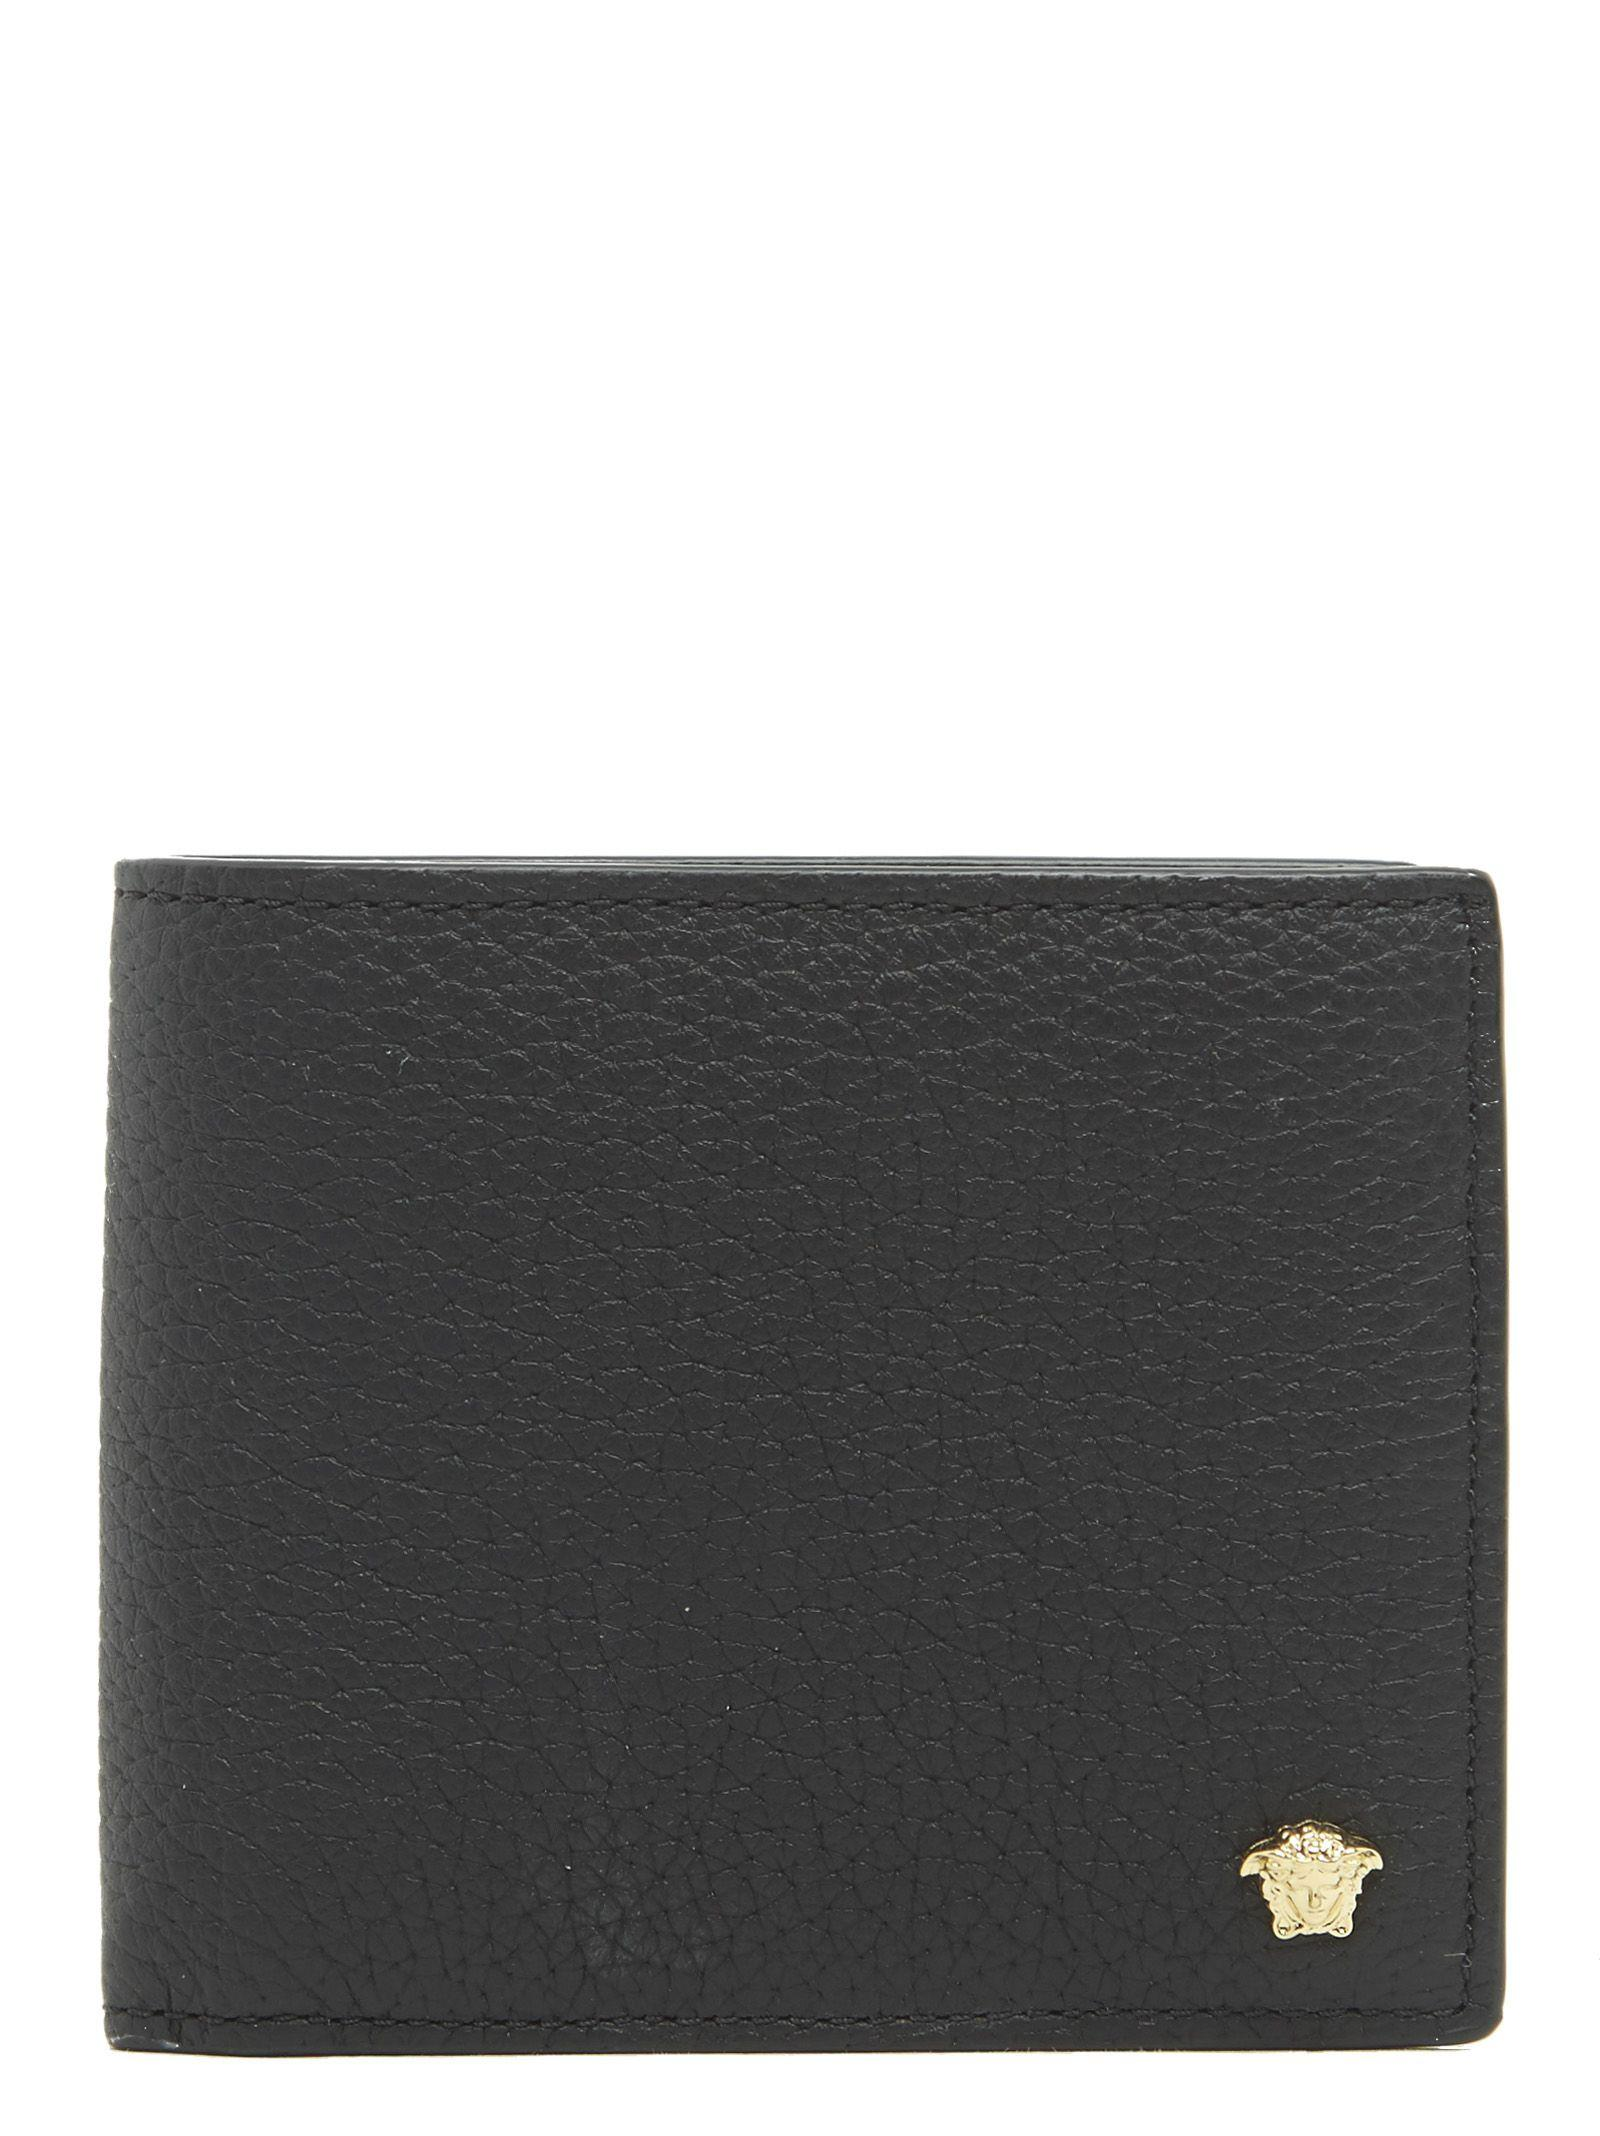 Versace Wallet In Black